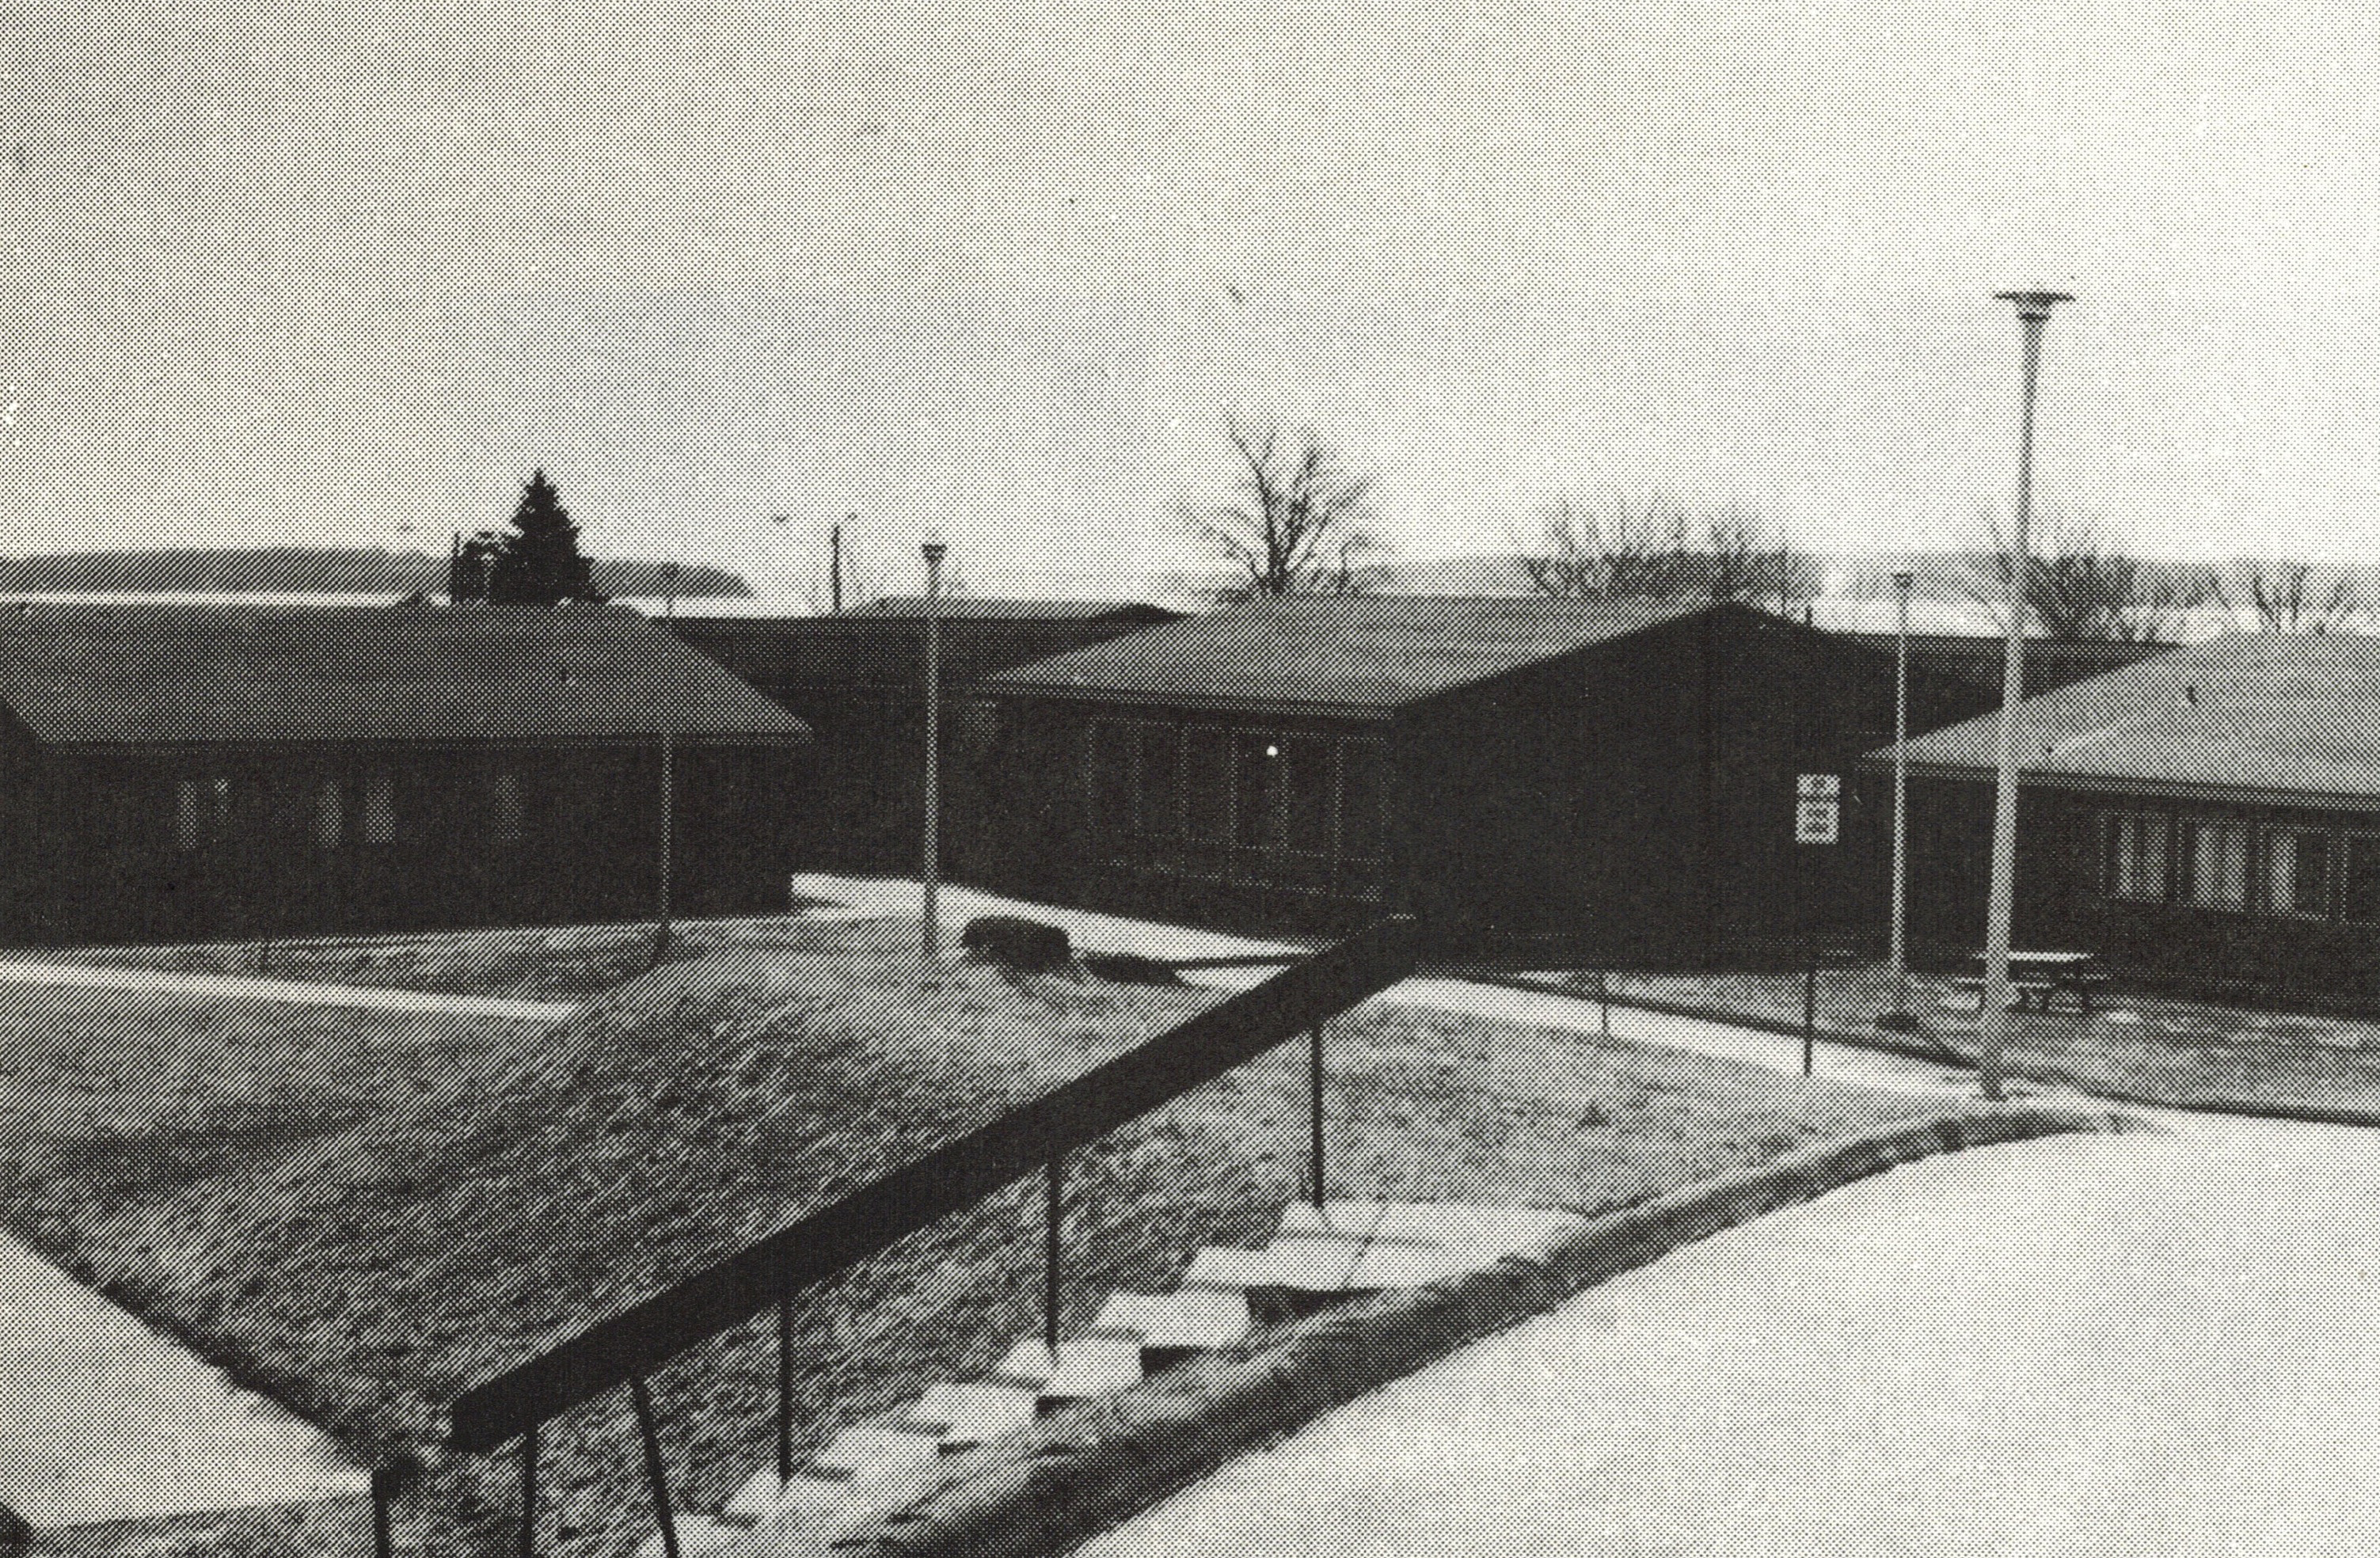 Ancienne photo en noir et blanc d'un édifice de bois d'un étage